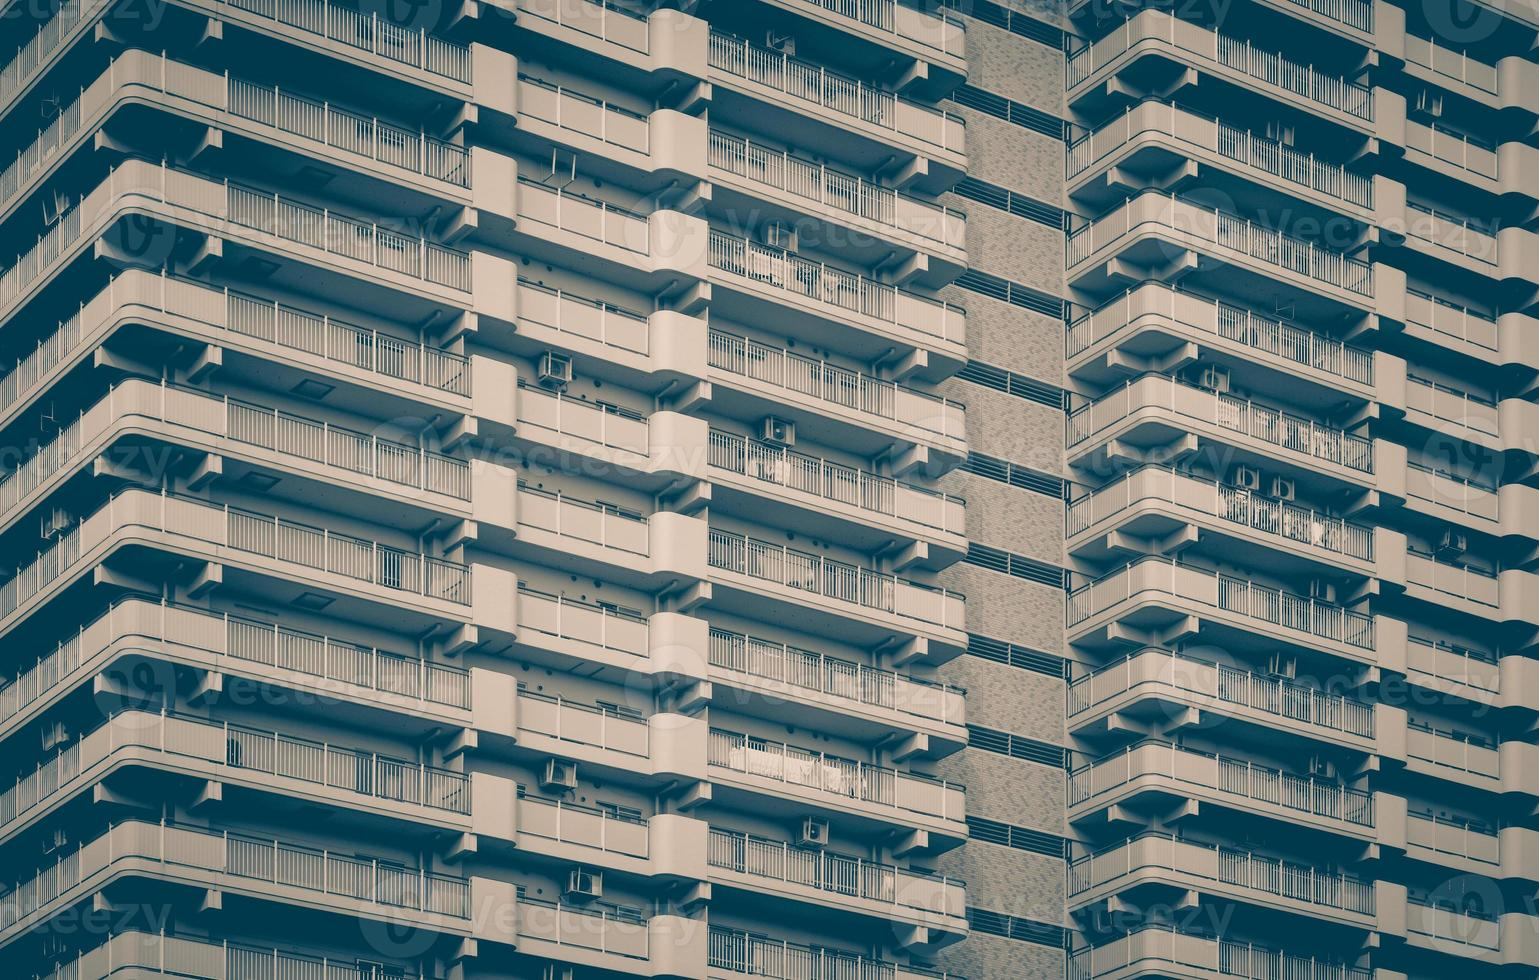 hoogbouw modern gebouw foto